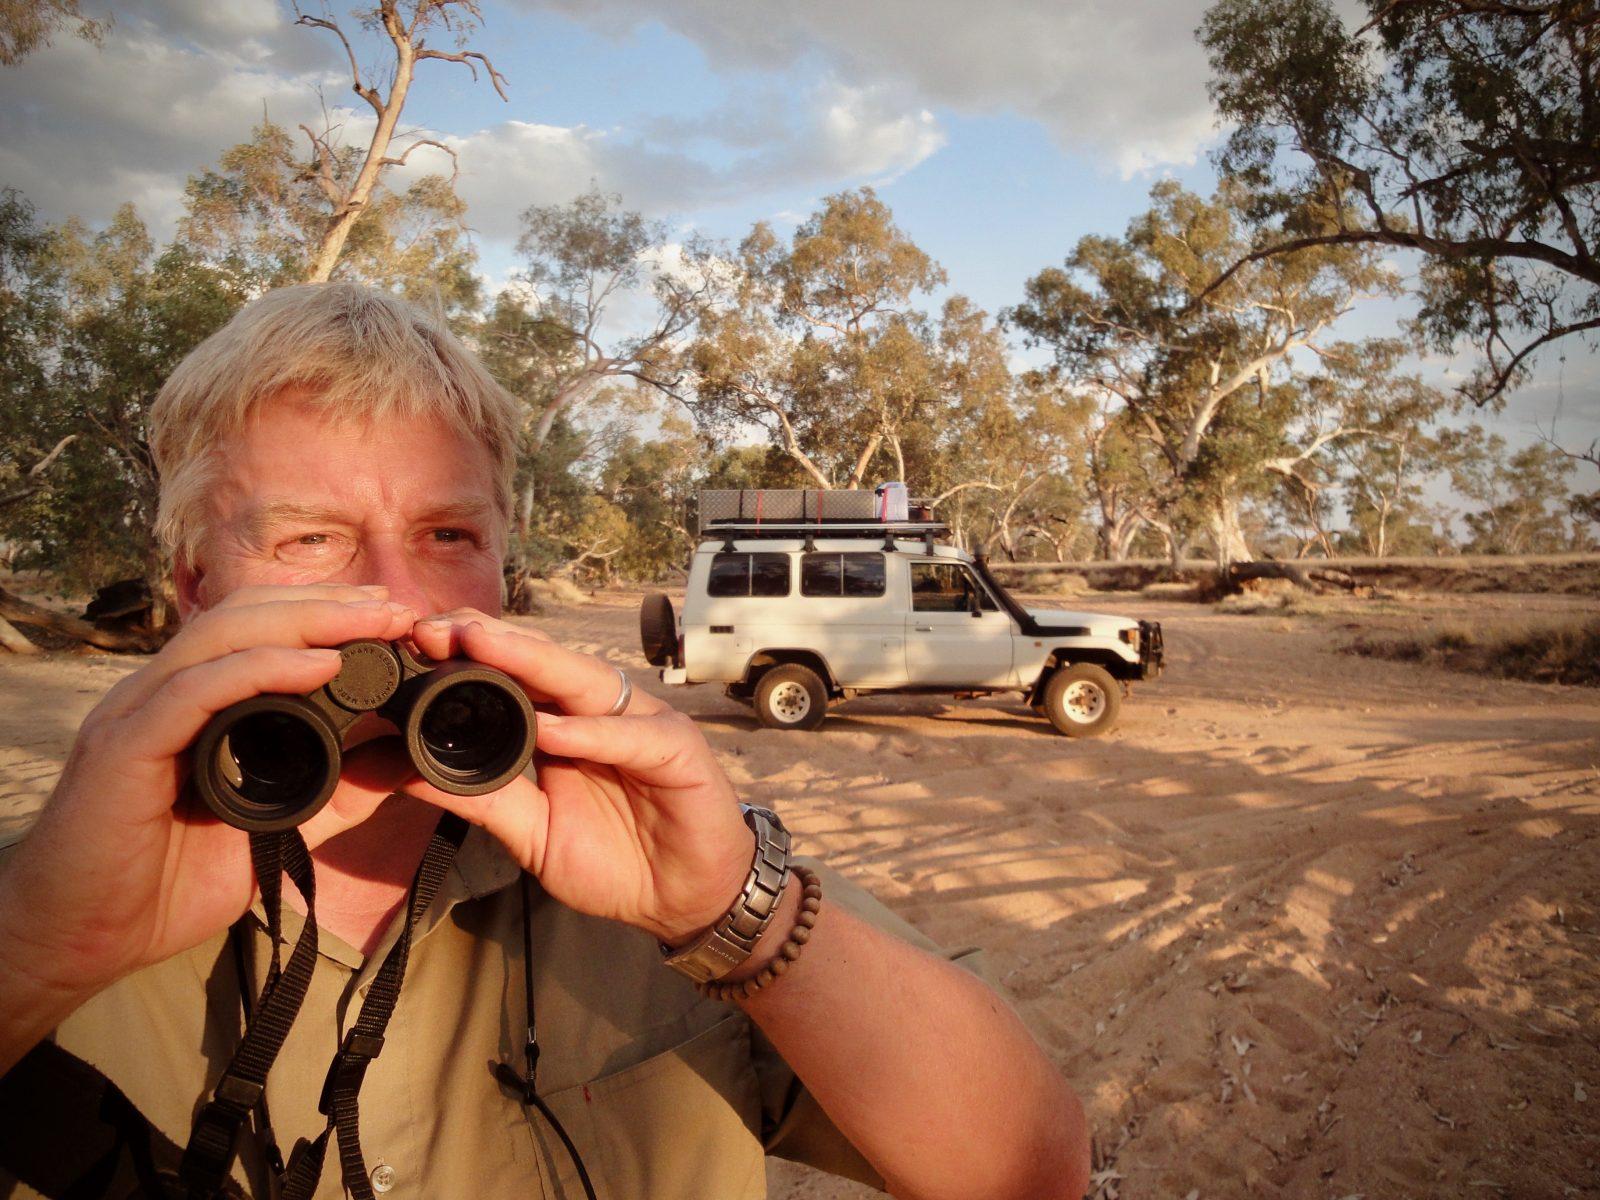 filmemacher-thoralf-grospitz-outback-australien-zorillafilm-grospitz-westphalen